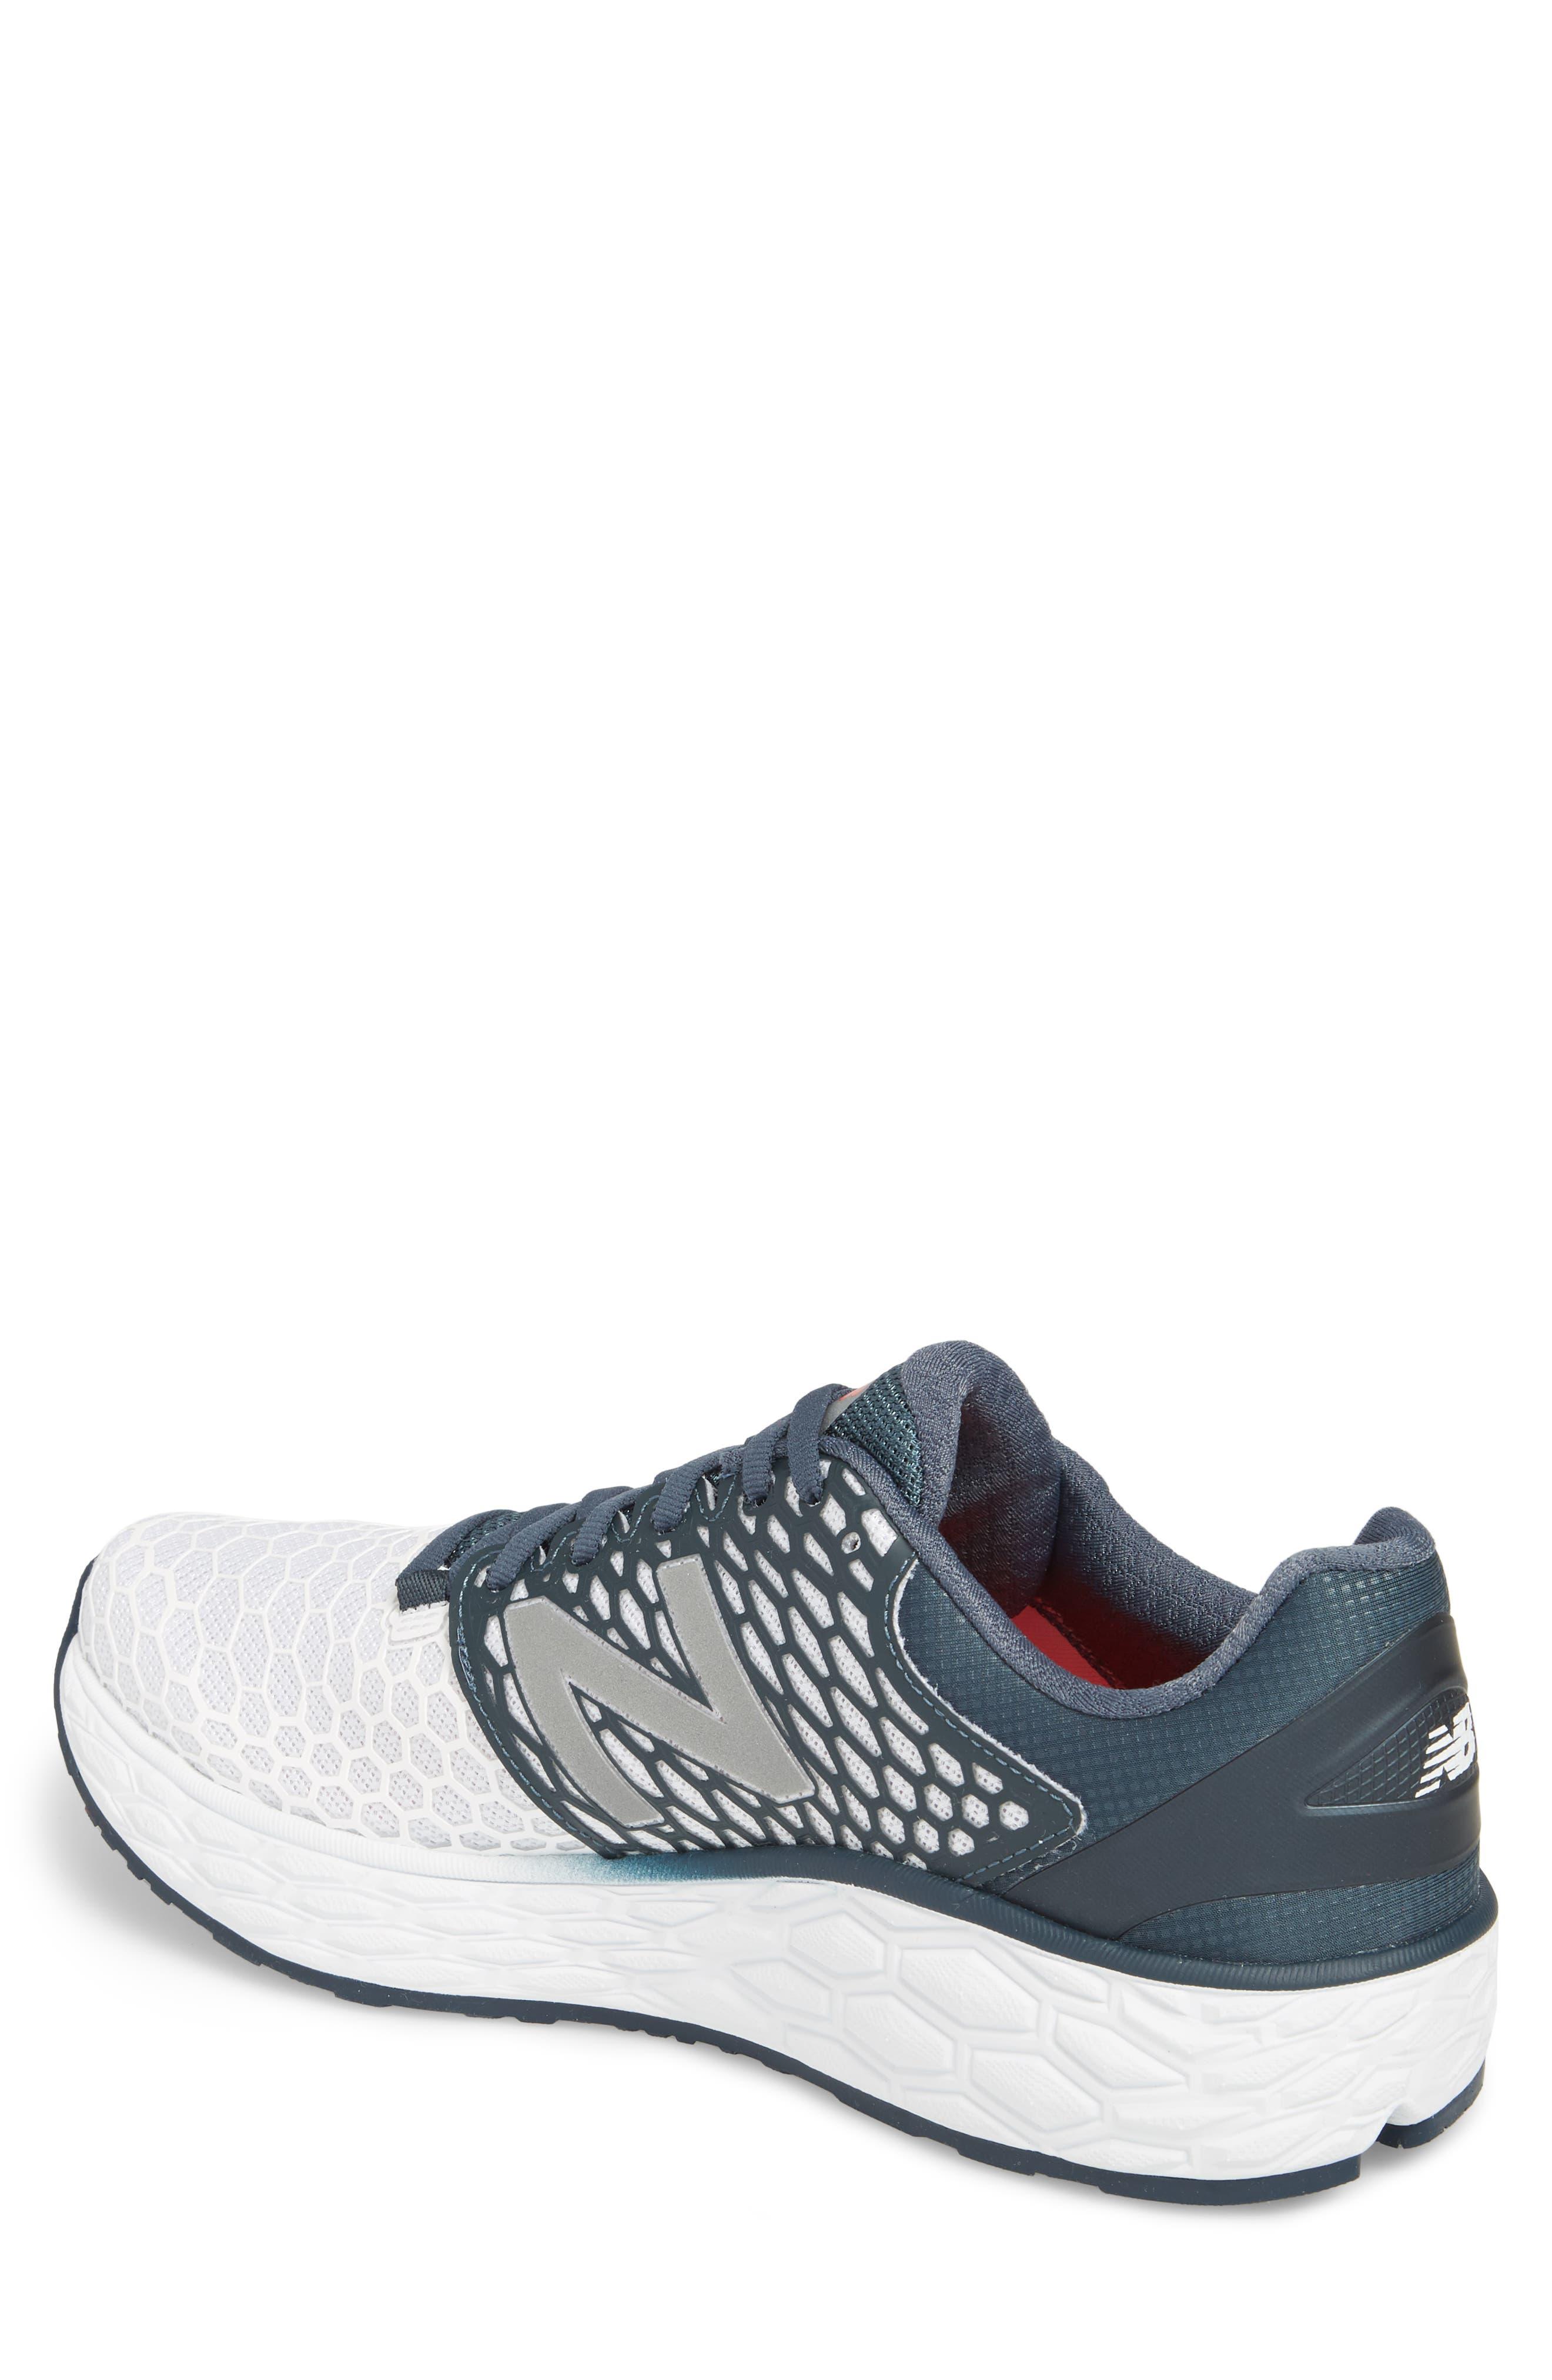 Fresh Foam Vongo v3 Running Shoe,                             Alternate thumbnail 2, color,                             White